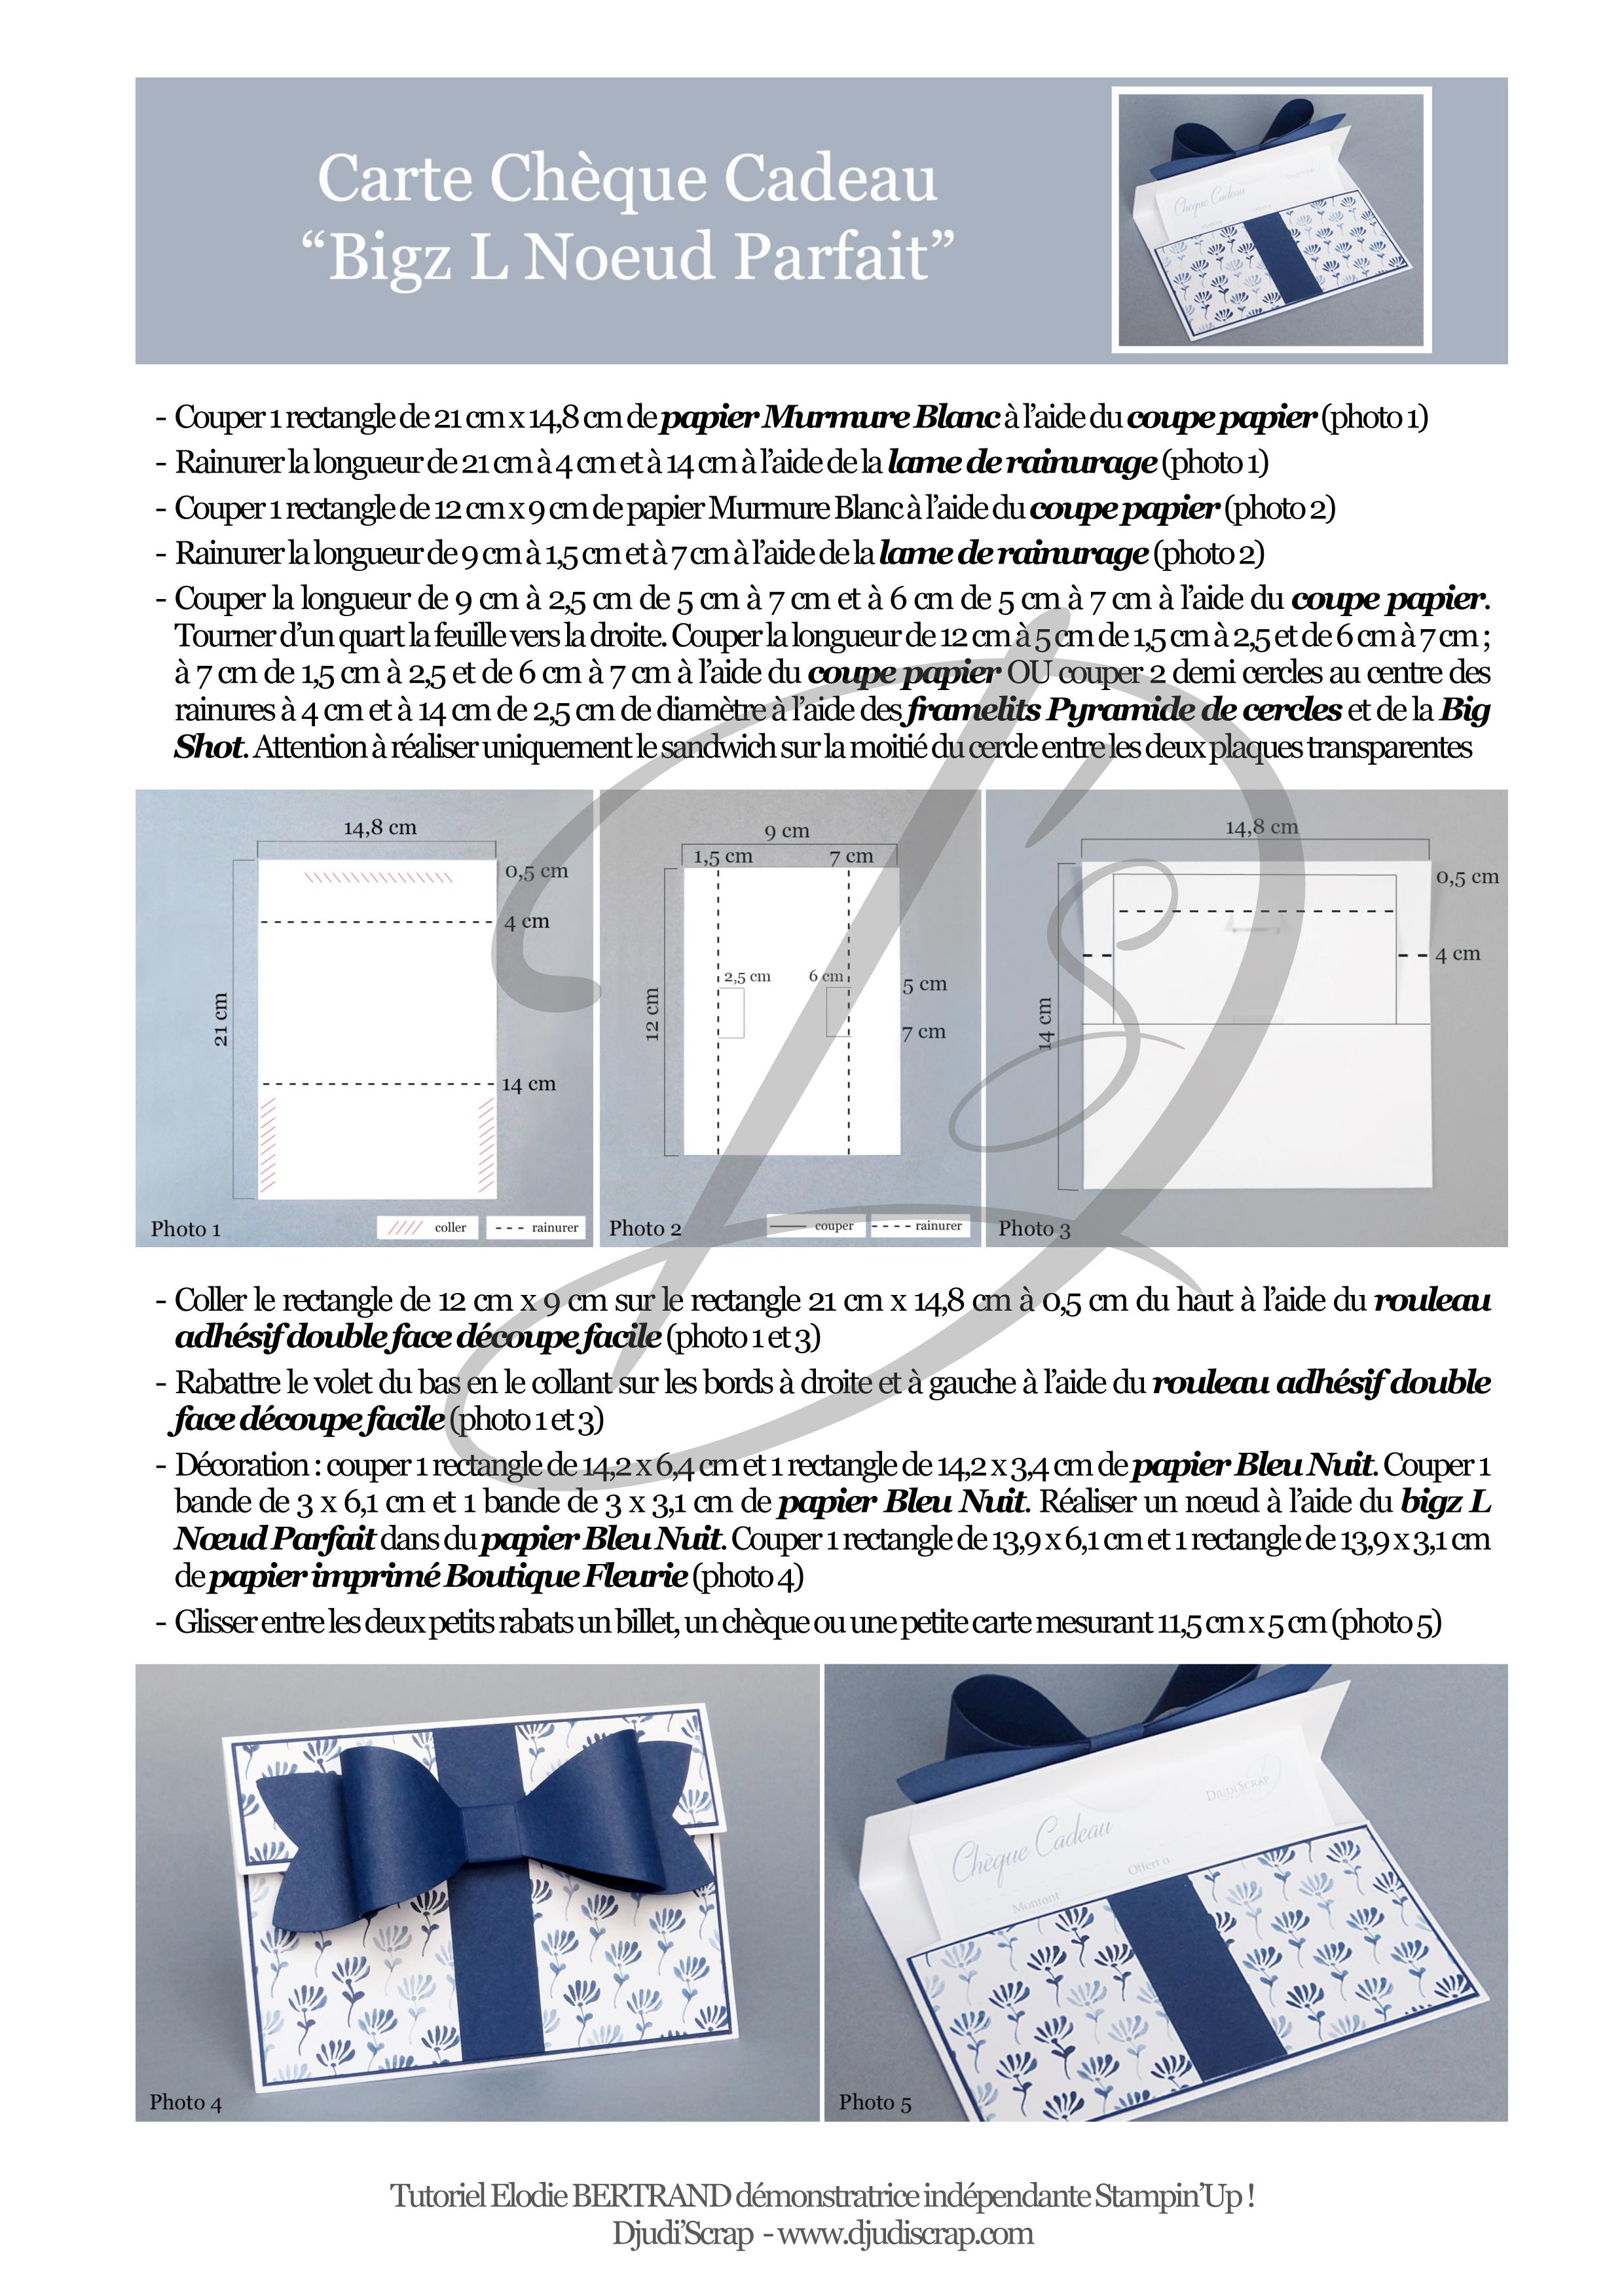 Microsoft Word - Carte Chque Cadeau 1.doc